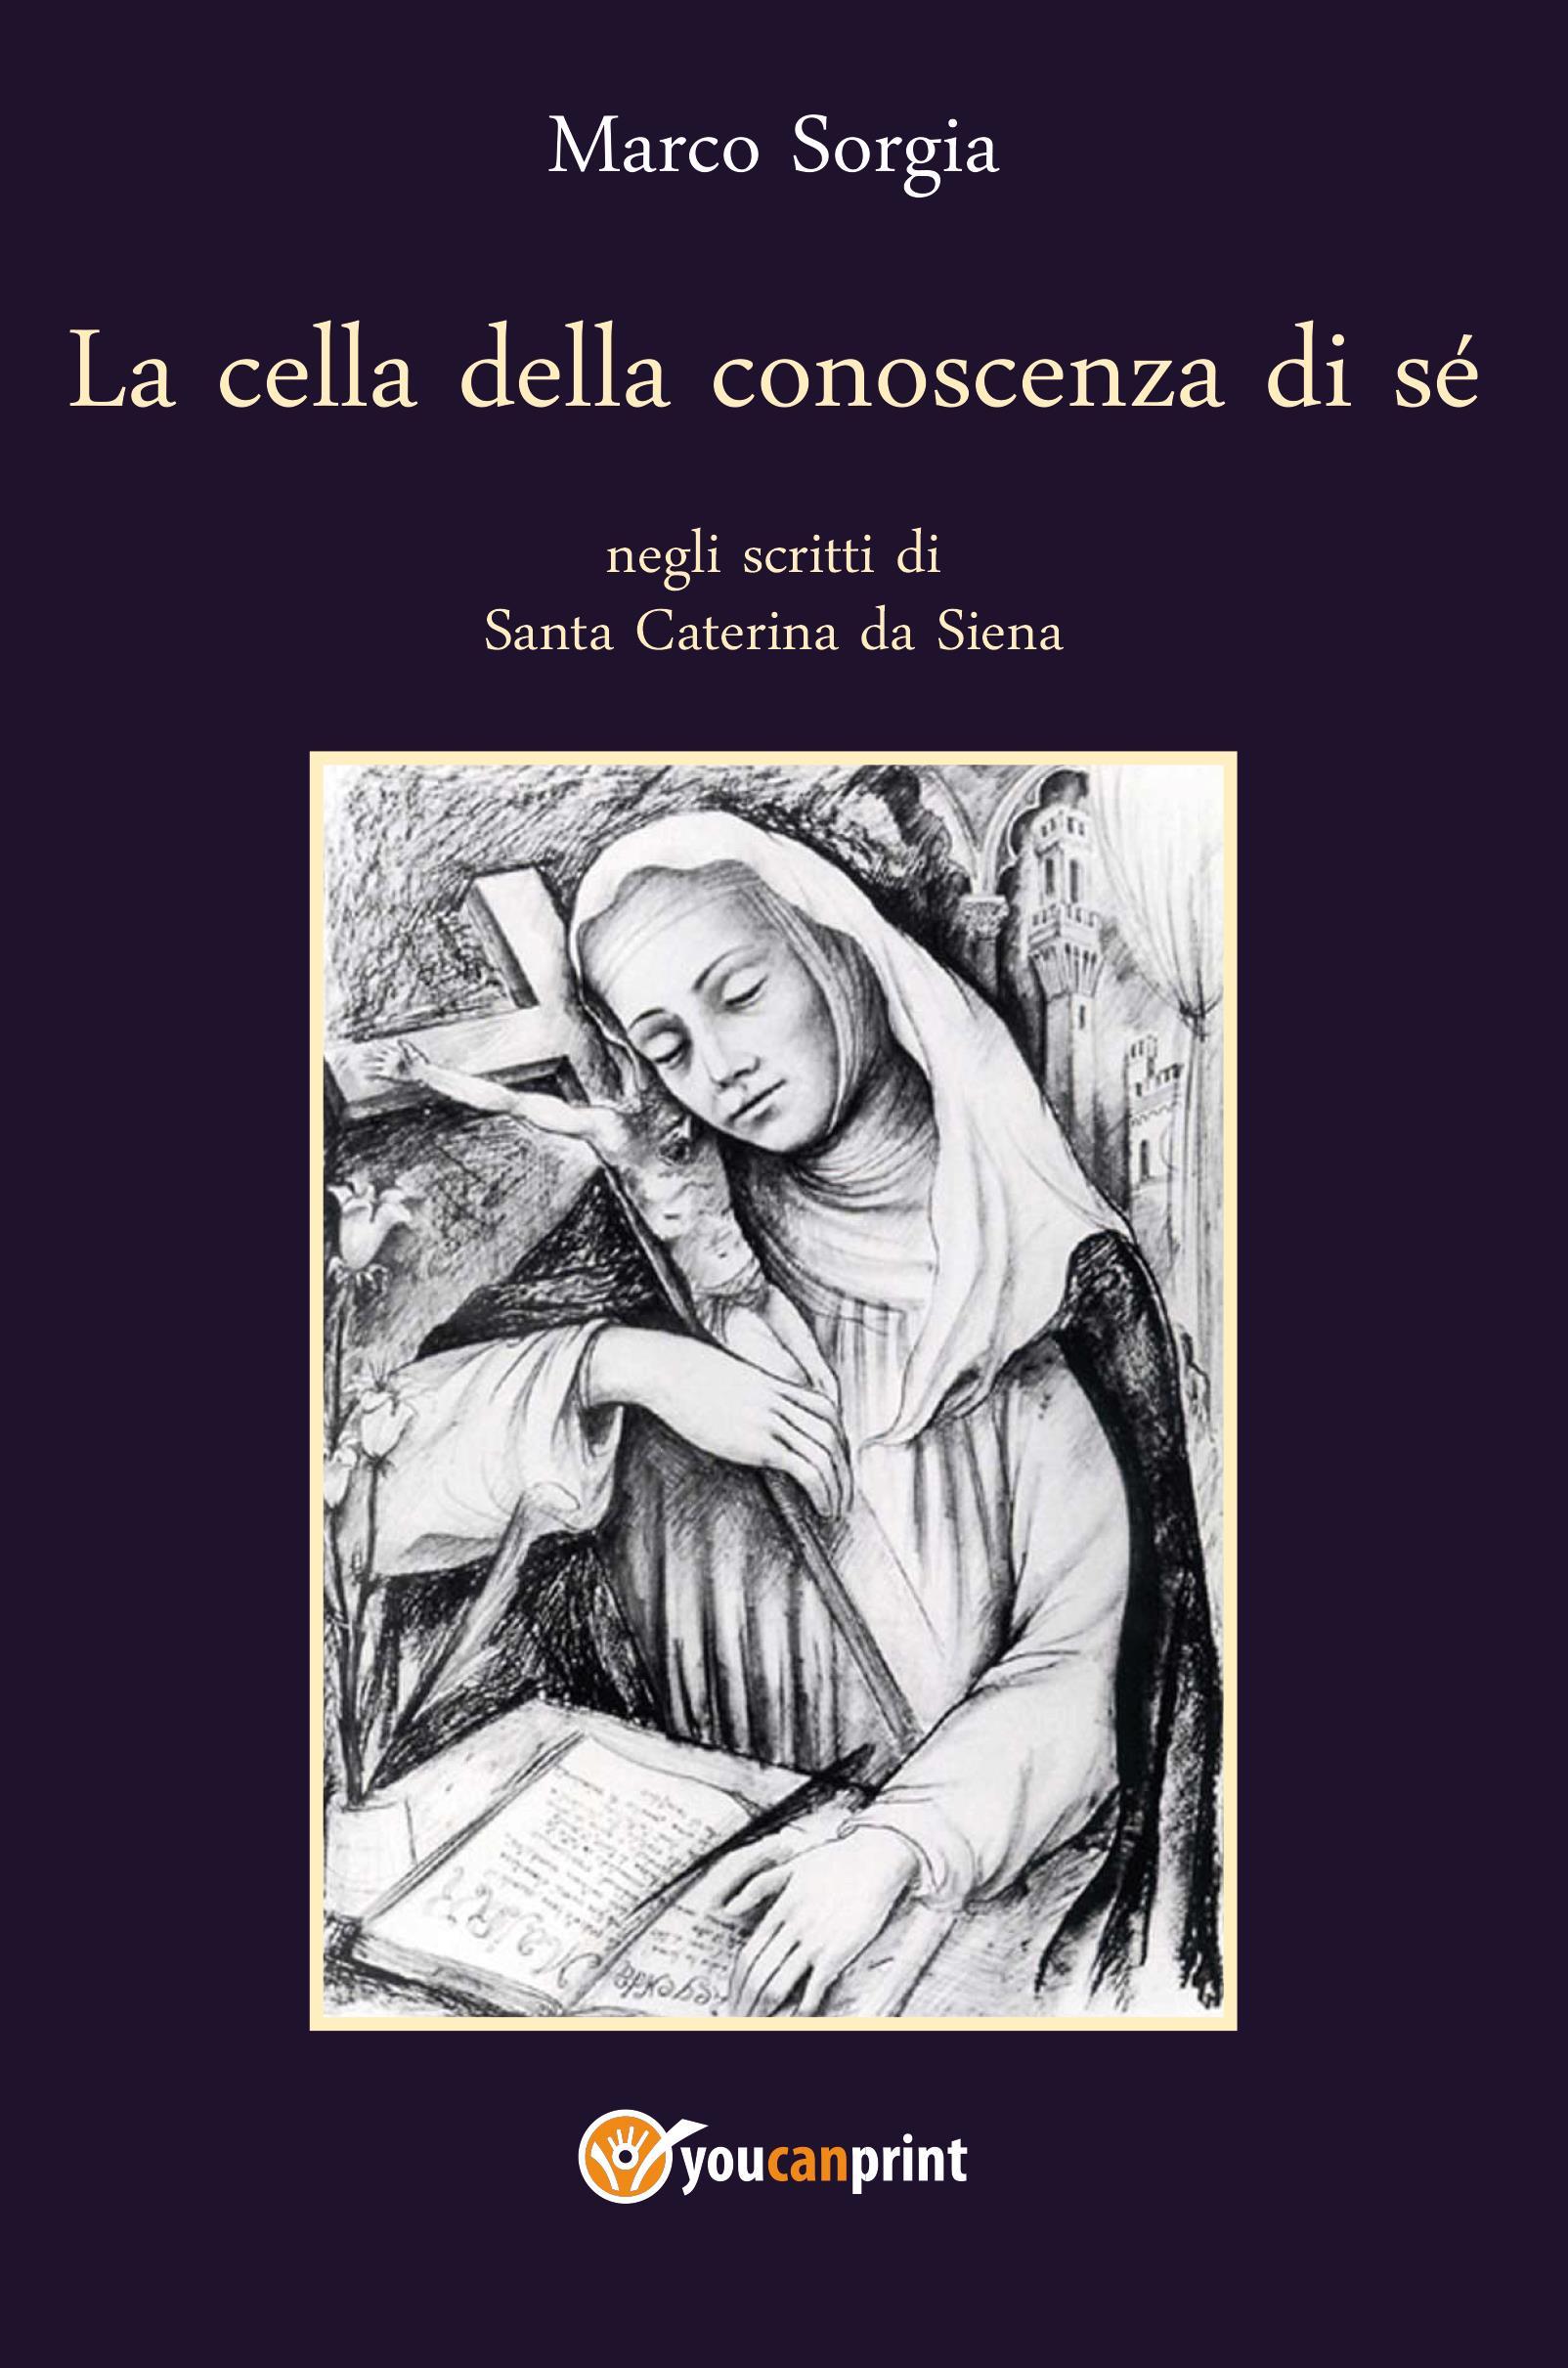 La cella della conoscenza di sé negli scritti di Santa Caterina da Siena